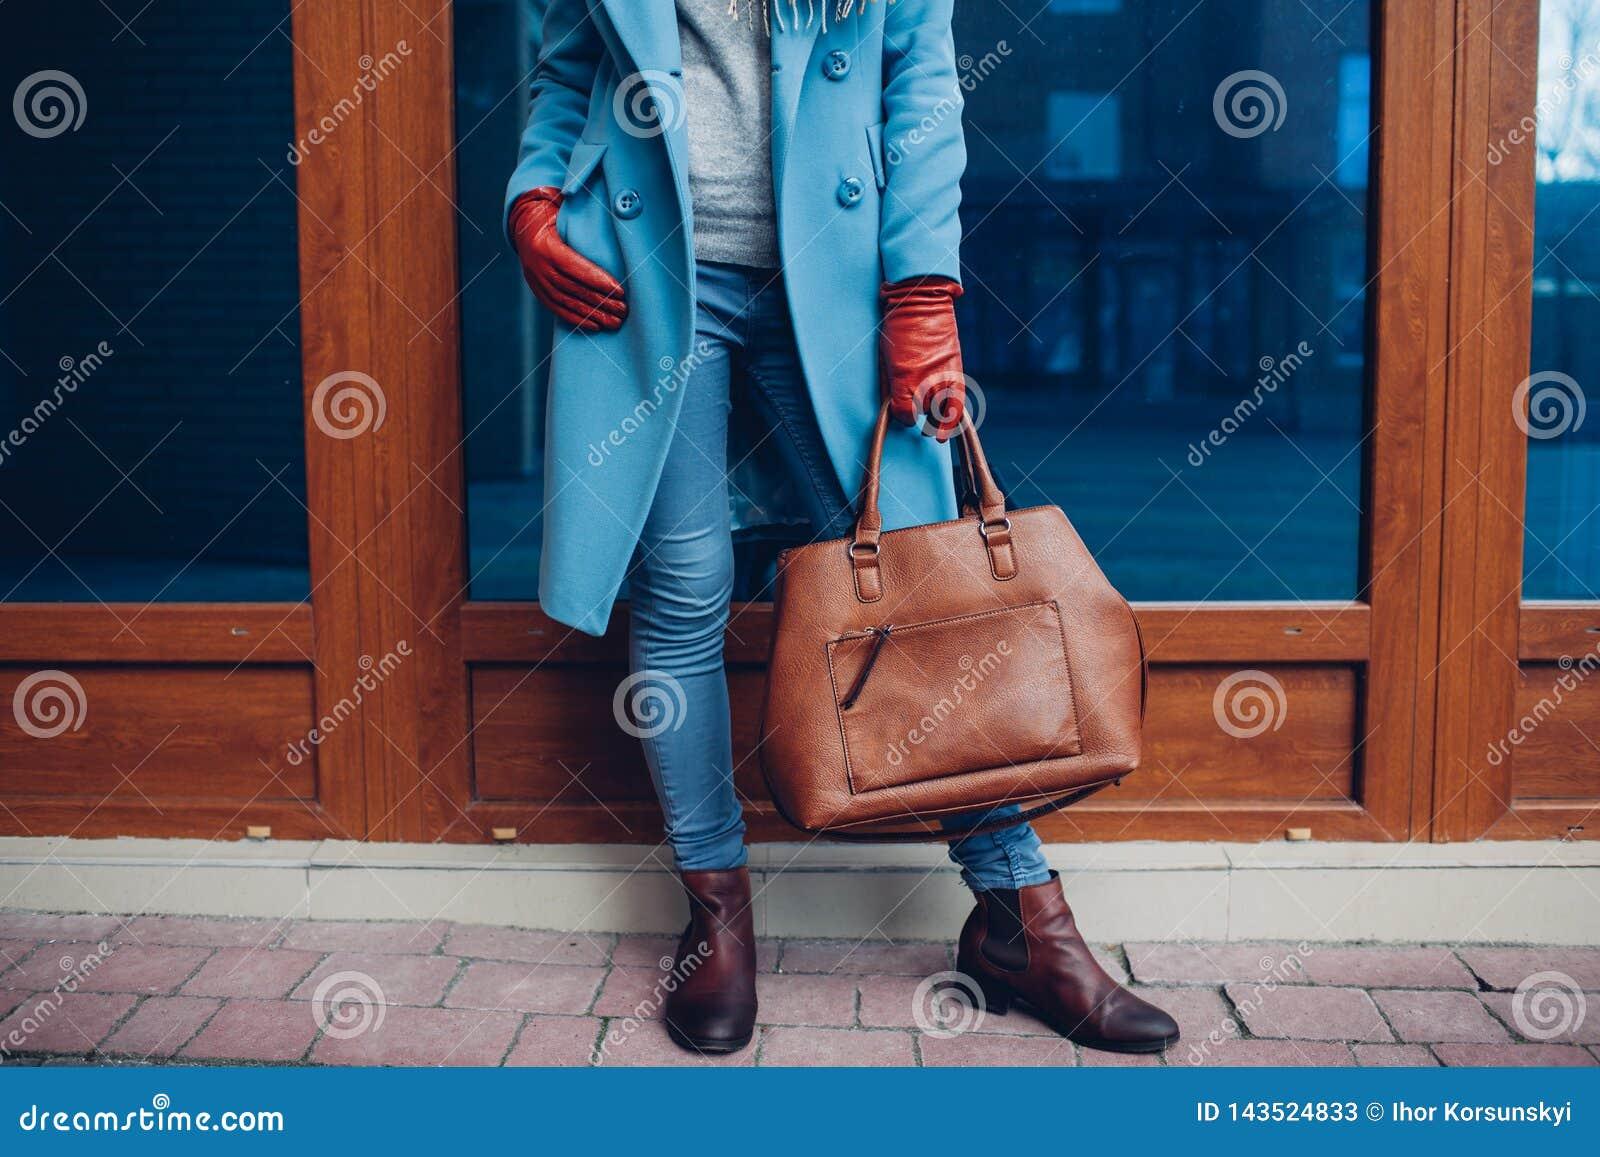 Ομορφιά και μόδα Μοντέρνη μοντέρνη γυναίκα που φορά το παλτό και τα γάντια, που κρατούν την καφετιά τσάντα τσαντών